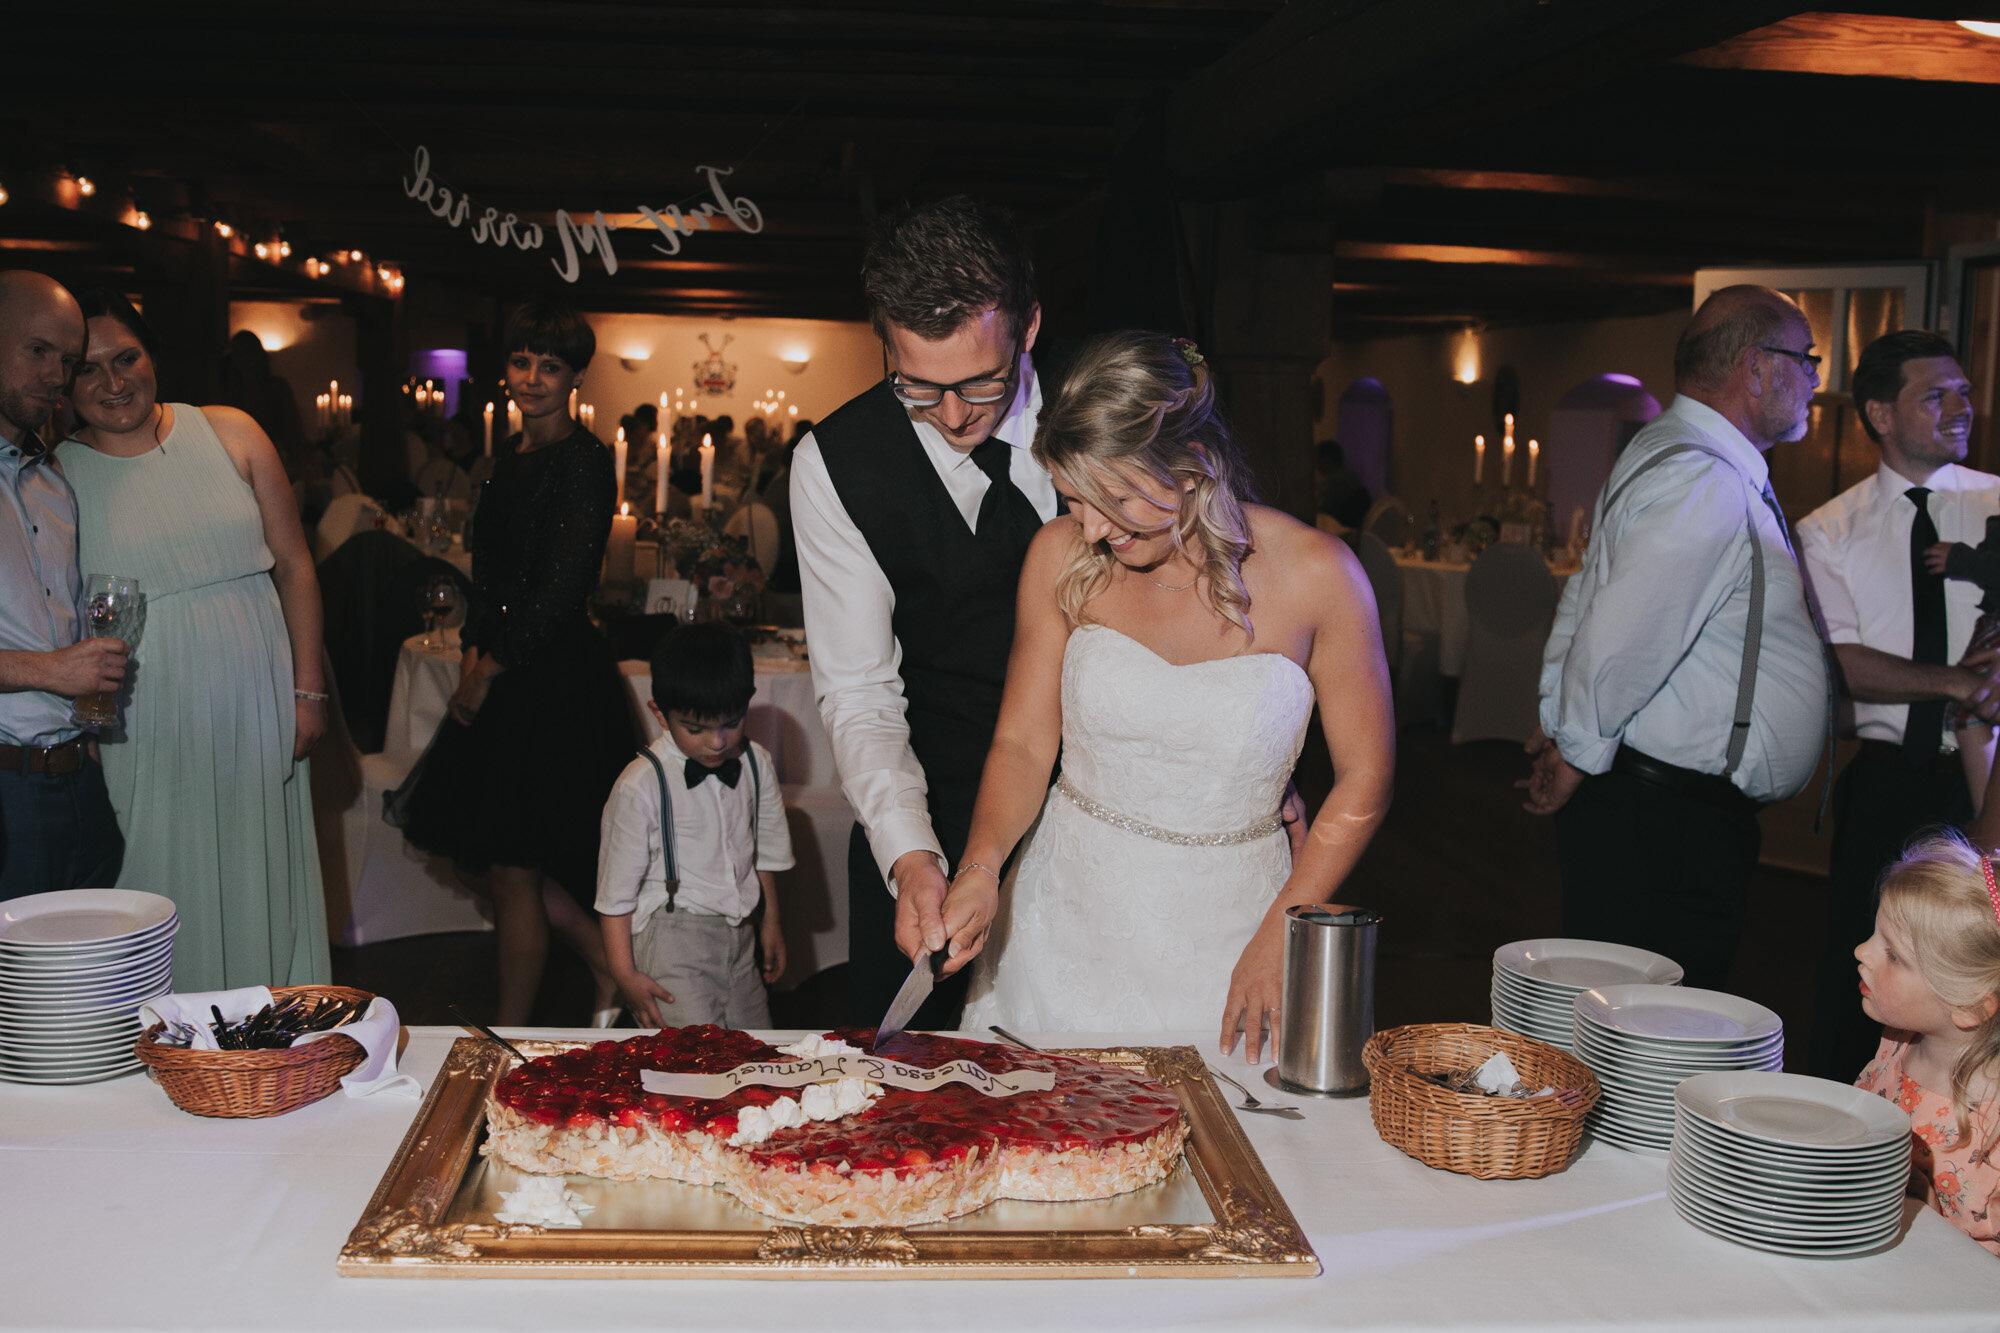 emory-factory-Hochzeit-2019-06-01-75.jpg